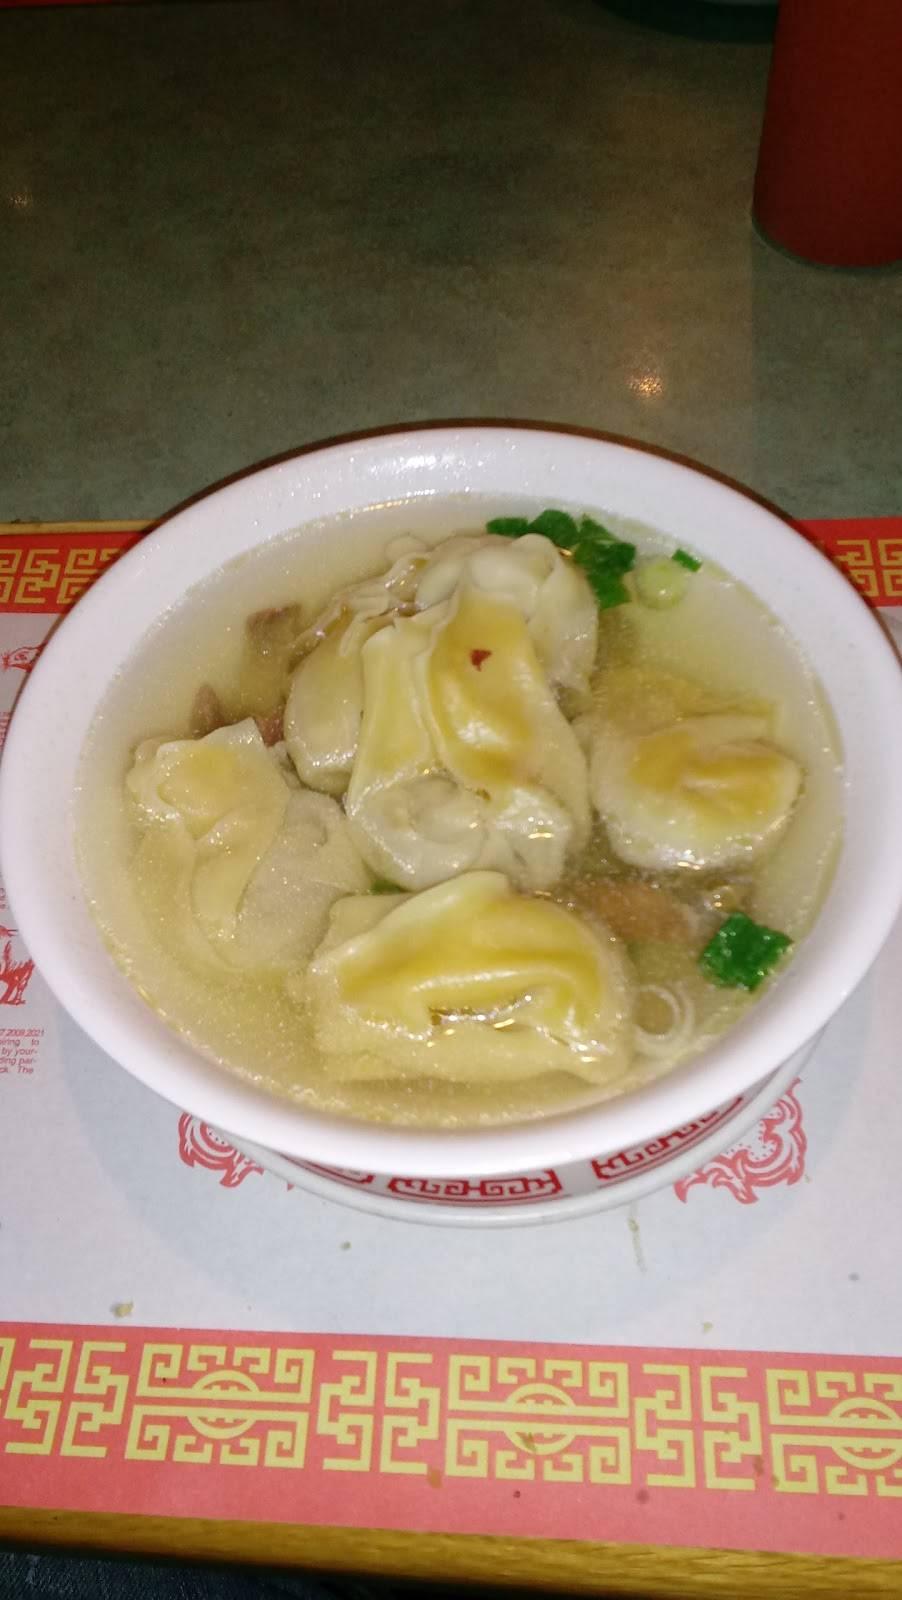 Golden Sea Chop Suey | restaurant | 2908 Ogden Ave, Aurora, IL 60504, USA | 6308517997 OR +1 630-851-7997